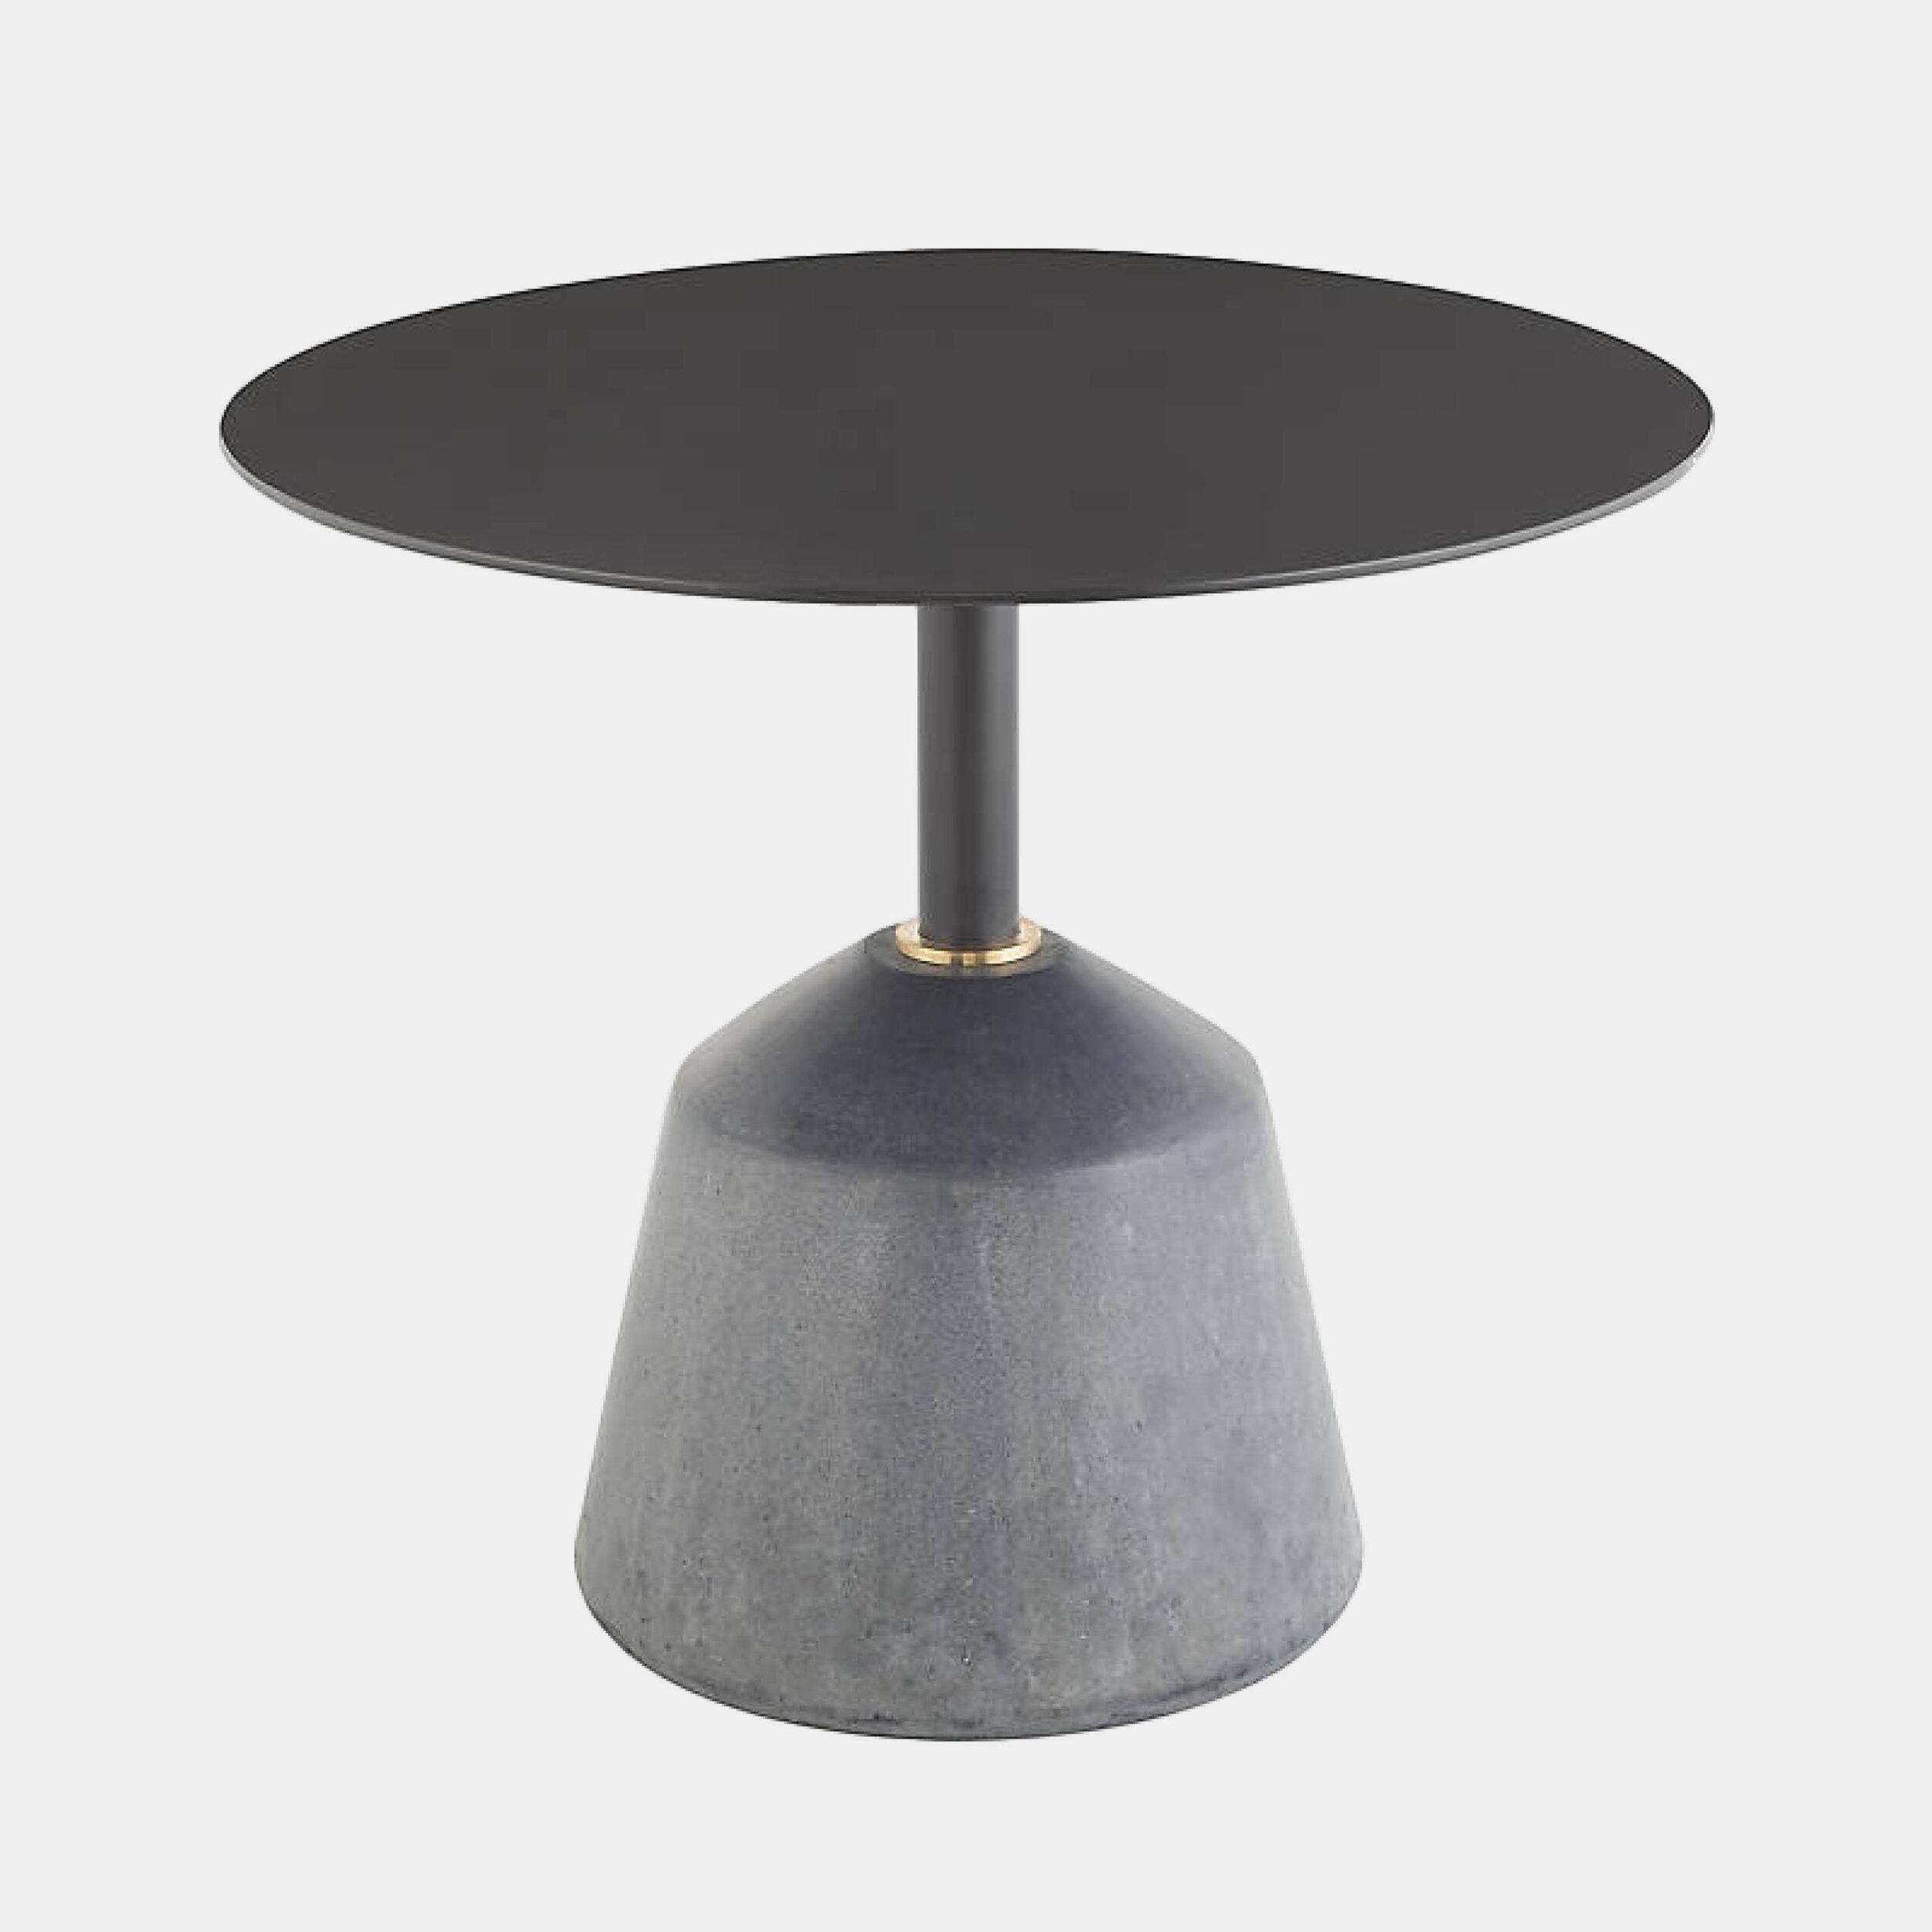 shop-mayker-home-gifting-design-nashville-exeter-side-table.jpg